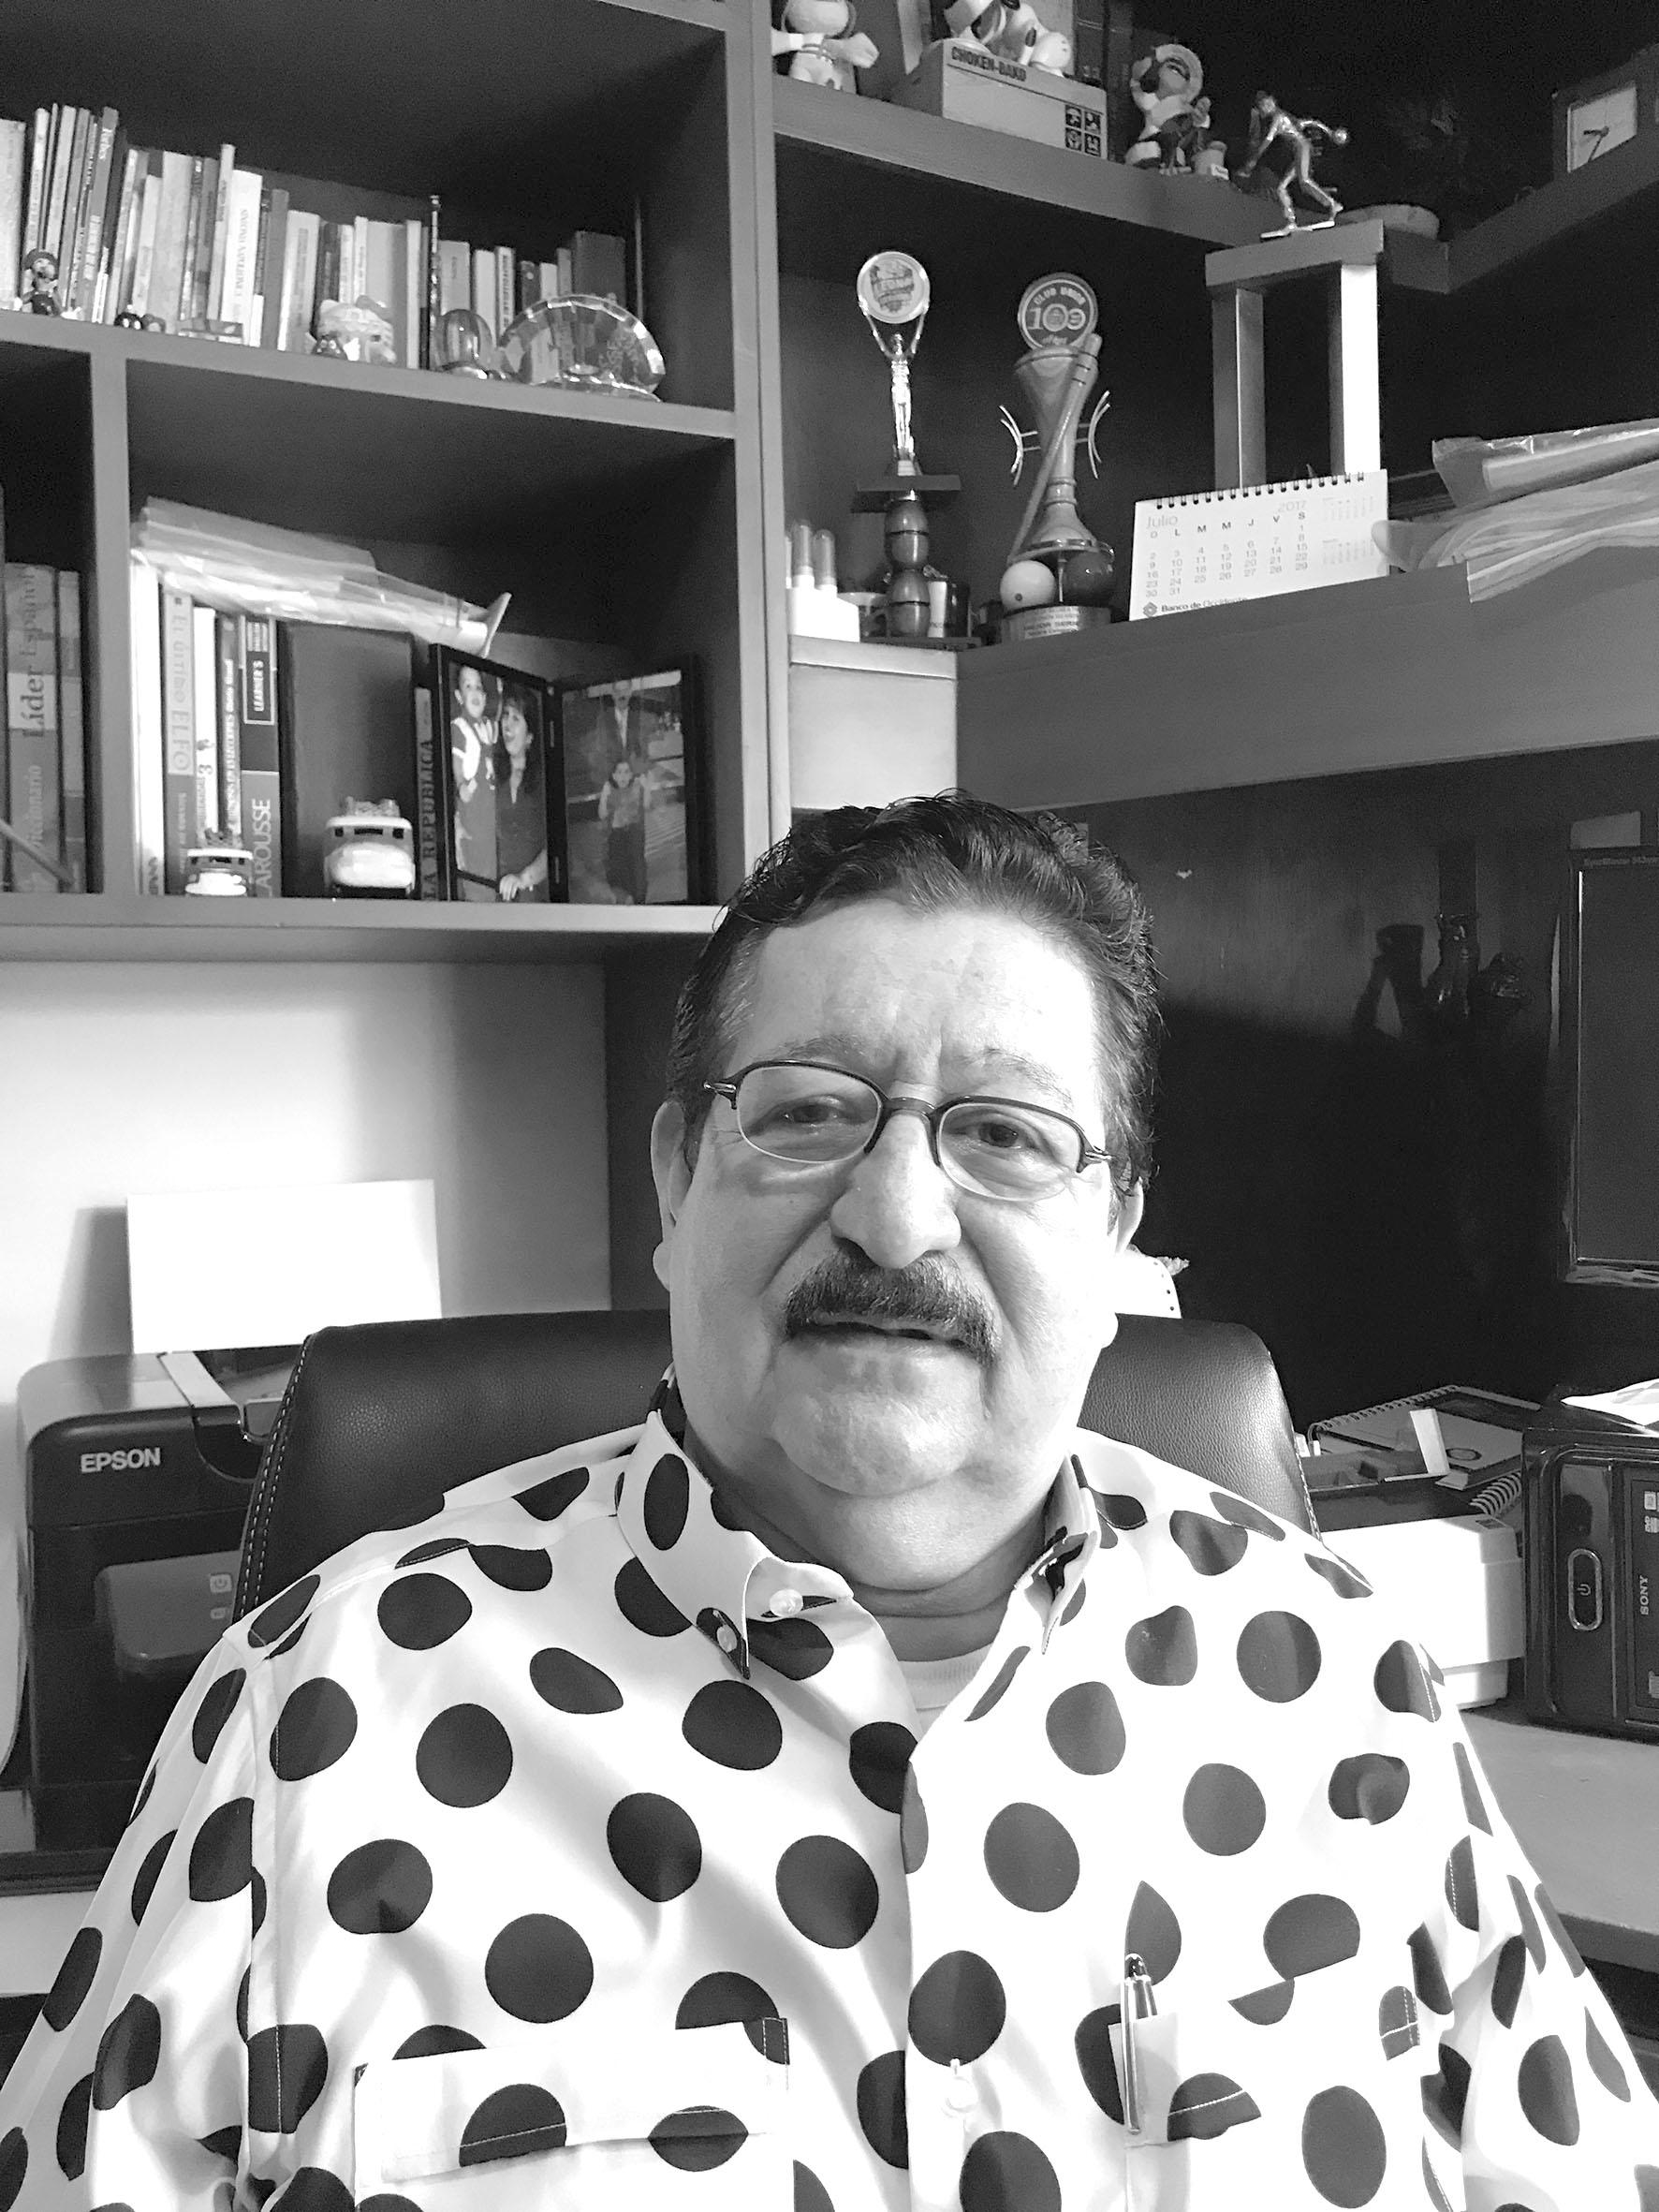 Señor empresario Por: José Caicedo Solano | Opinión | EL FRENTE